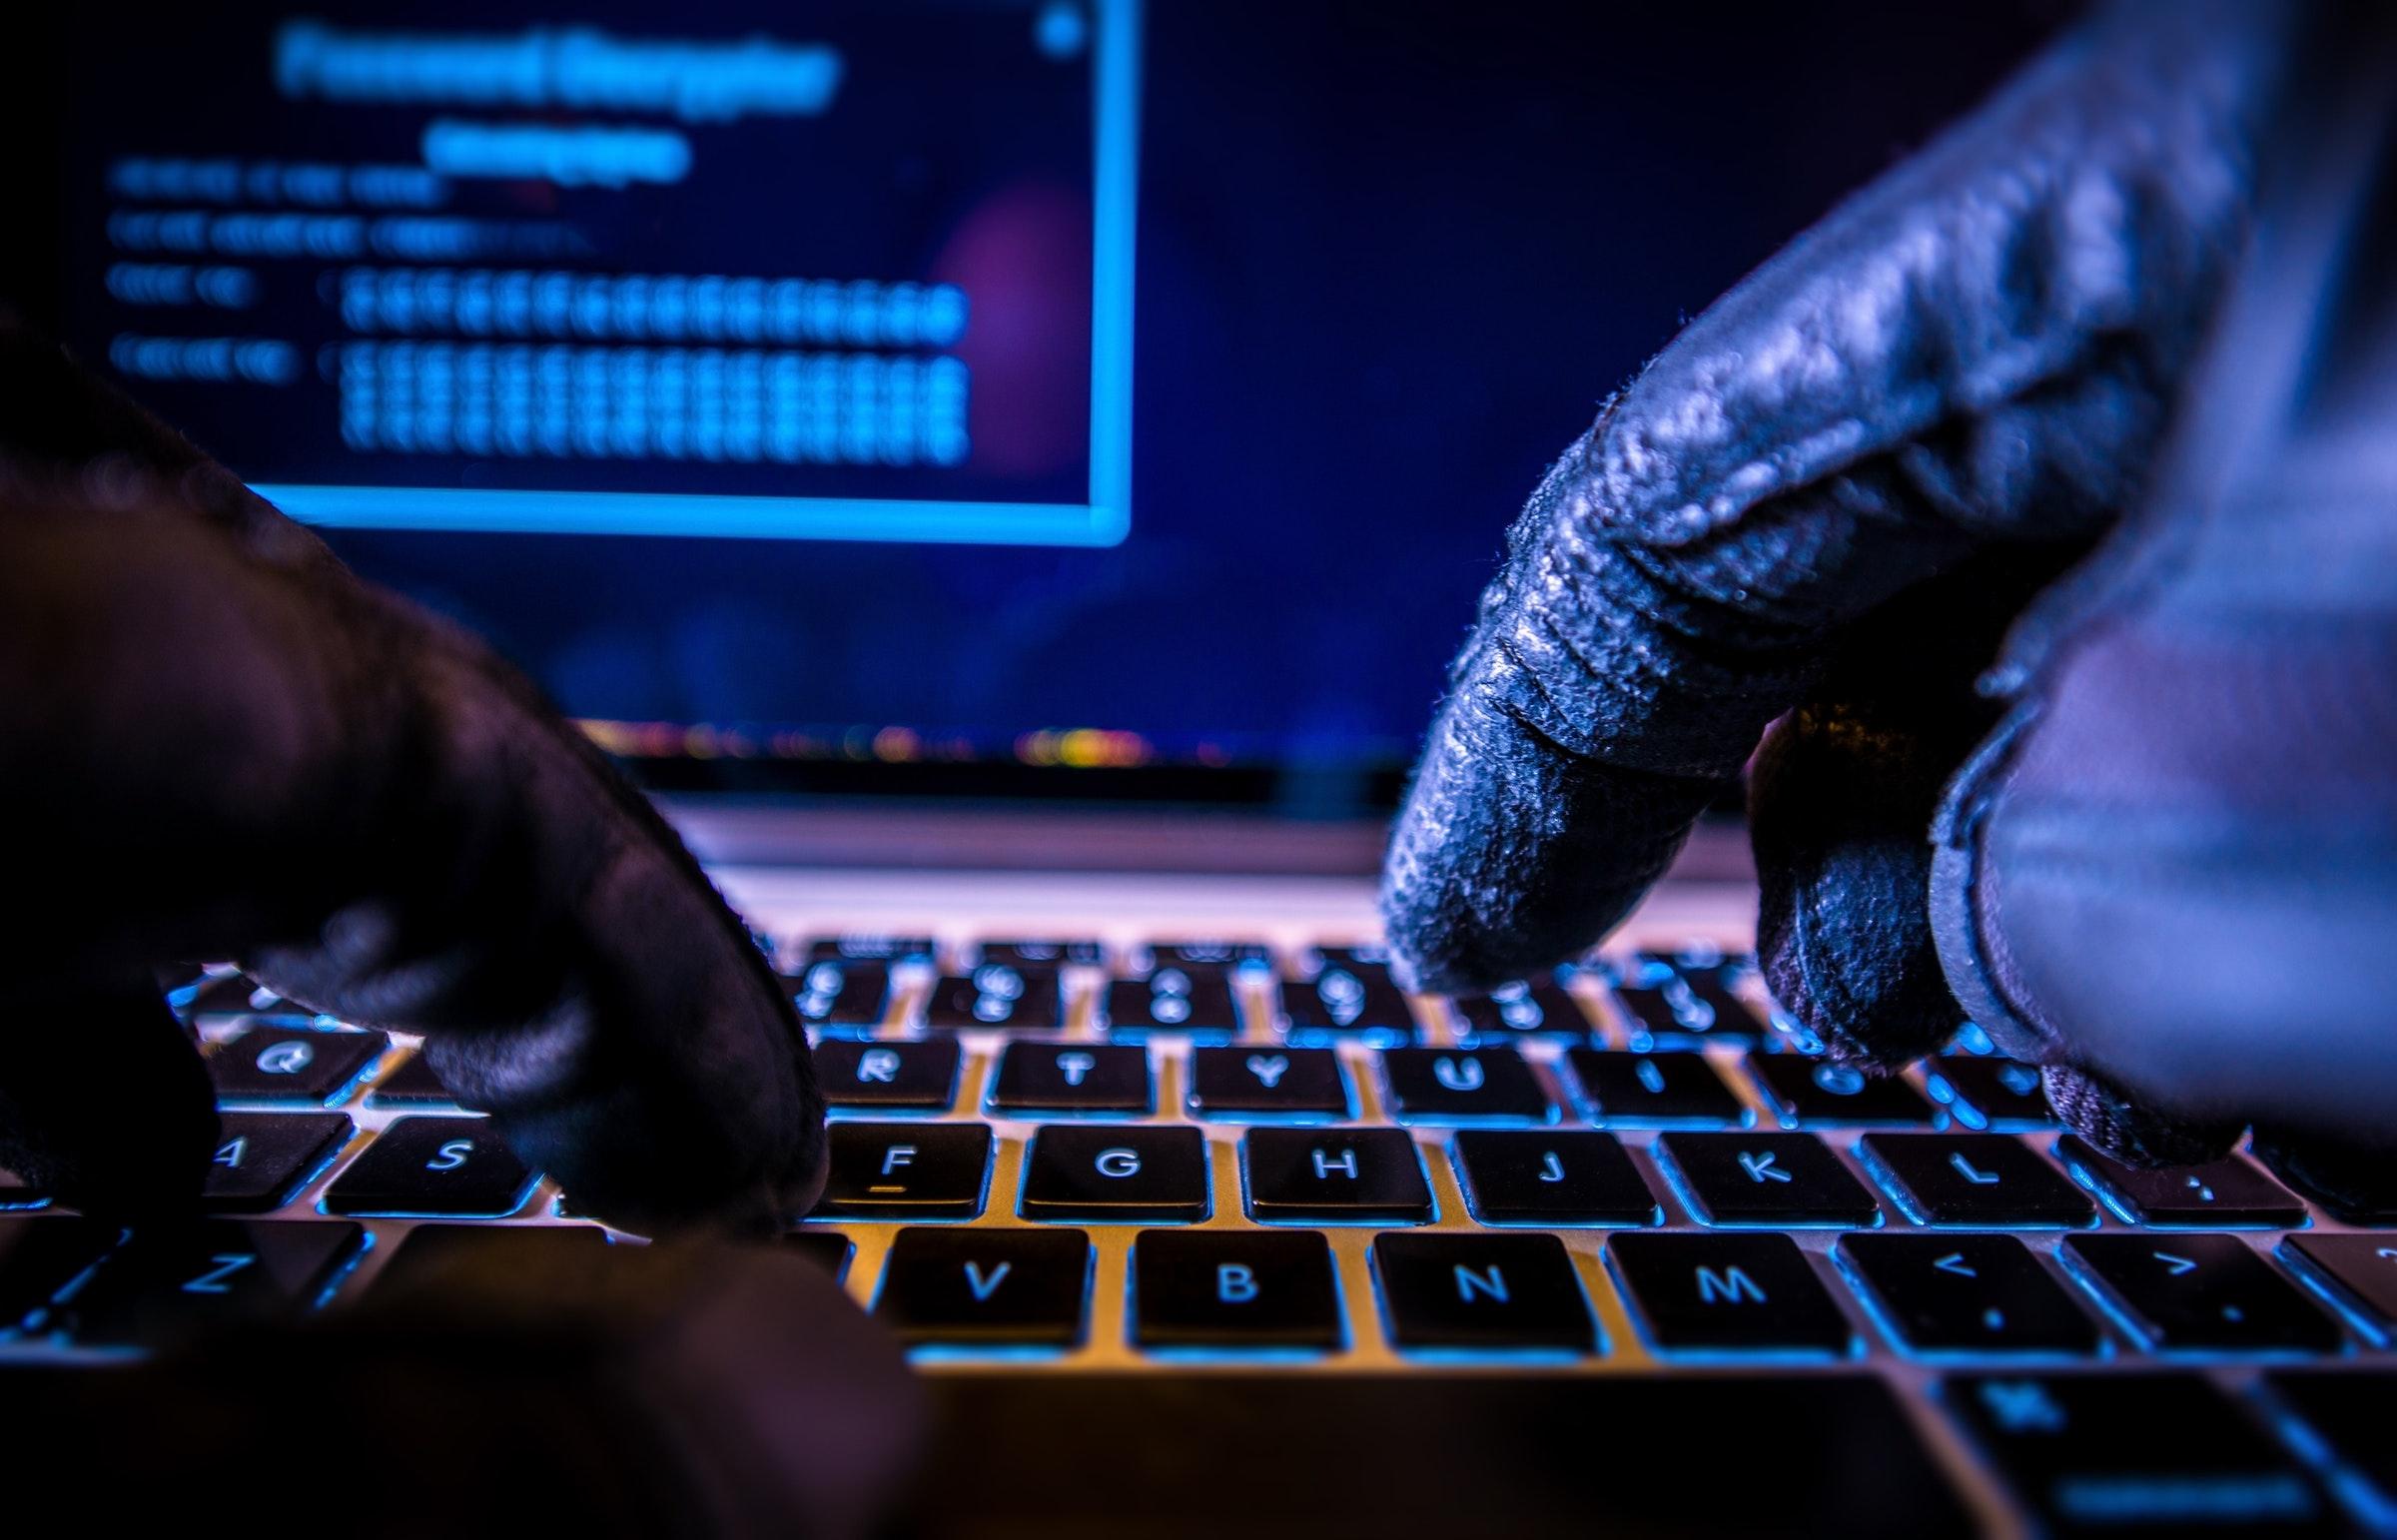 照片中提到了20、G H、V,包含了teamviewer駭客、安全黑客、電腦安全、數據洩露、黑客